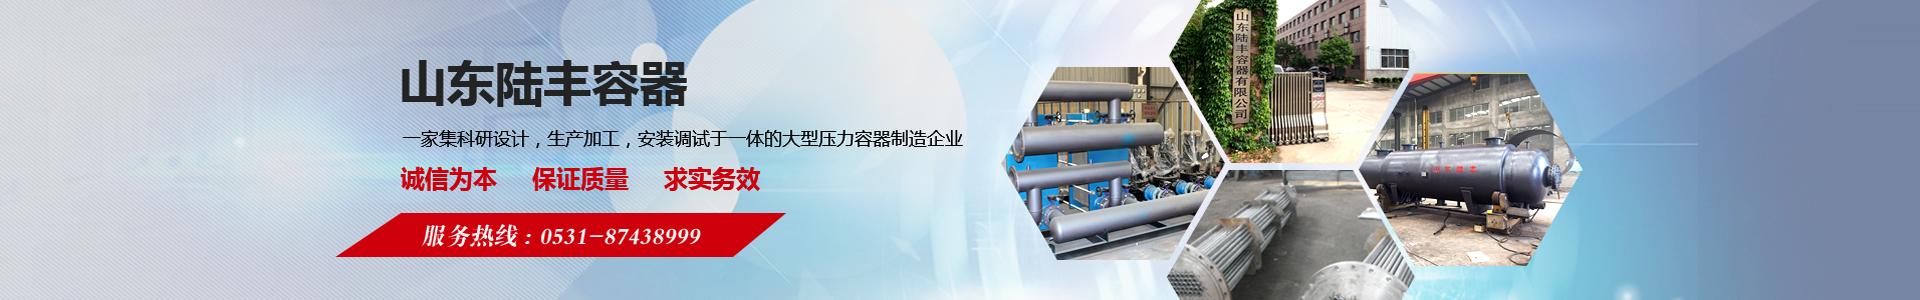 山東壓力容器